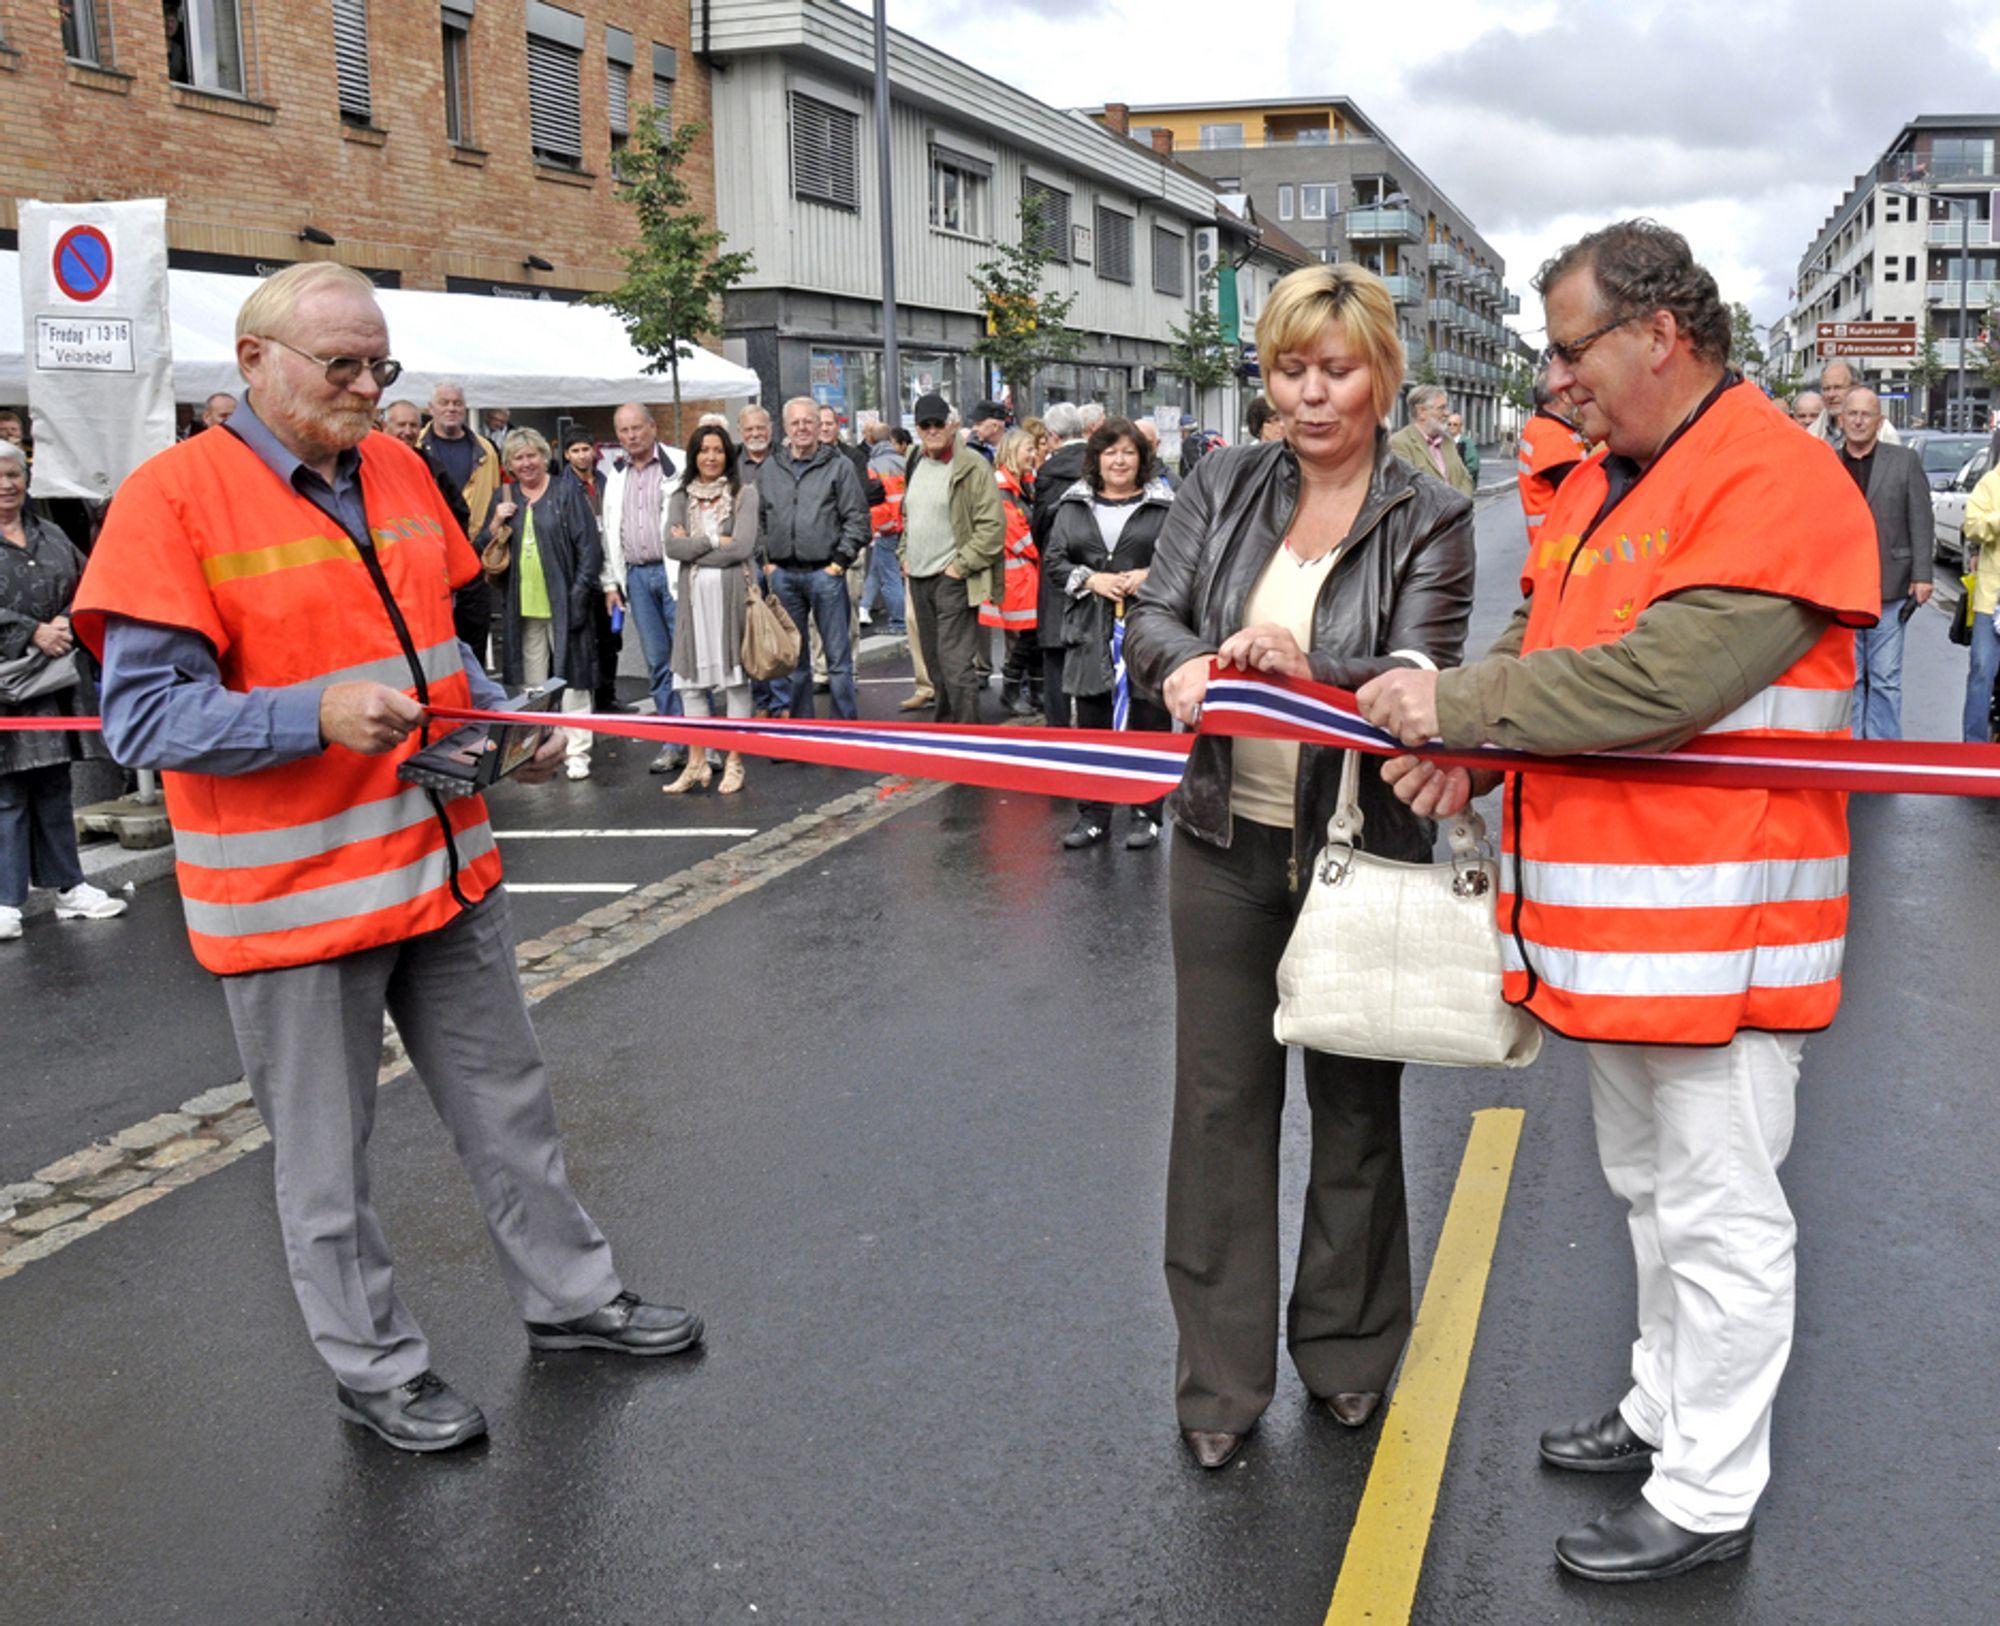 Ordføreren i Skedsmo, Anita Orlund markerer åpningen av miljøgata i Skedsmo assistert av byggeleder Tom Fjerdingby (til høyre) og avdelingsdirektør Nils-Erik Bogsrud, begge fra Statens vegvesen Region øst.